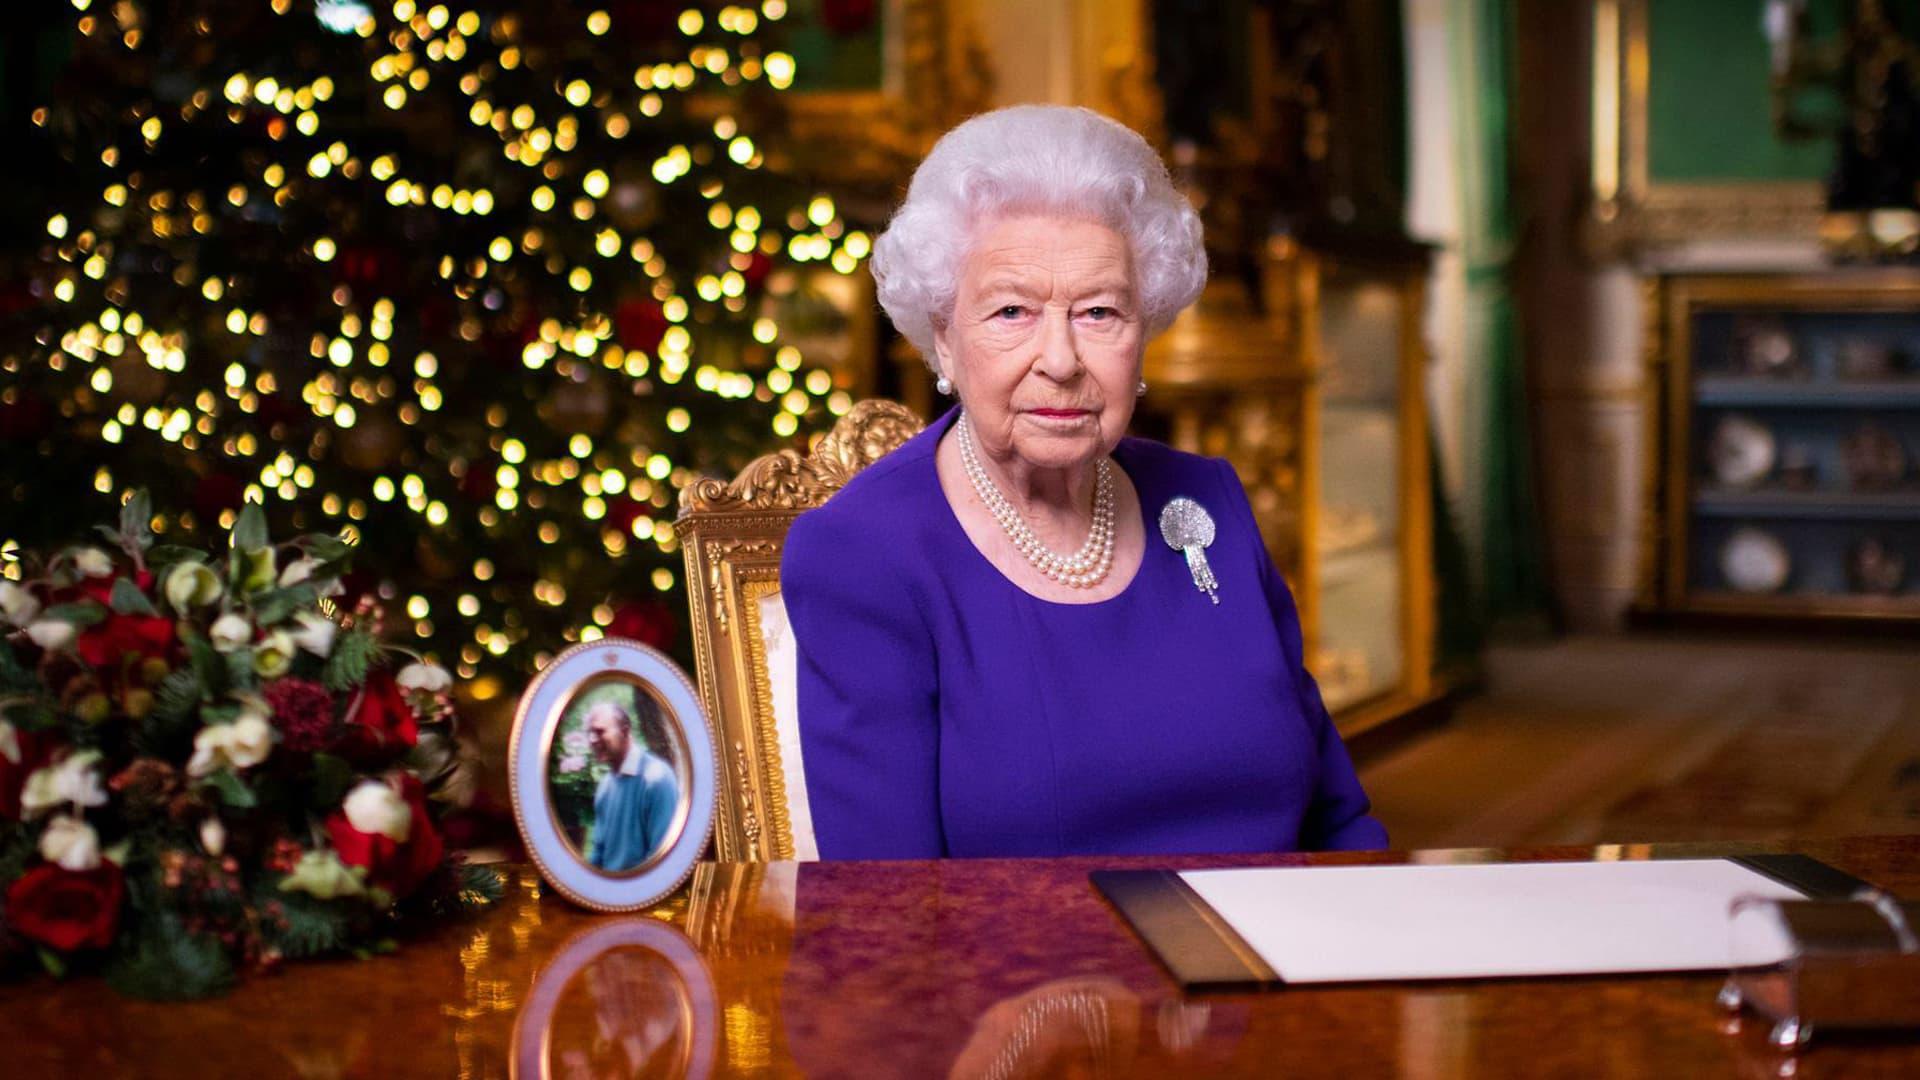 Englannin kuningatar Elisabetin perinteinen joulupuhe